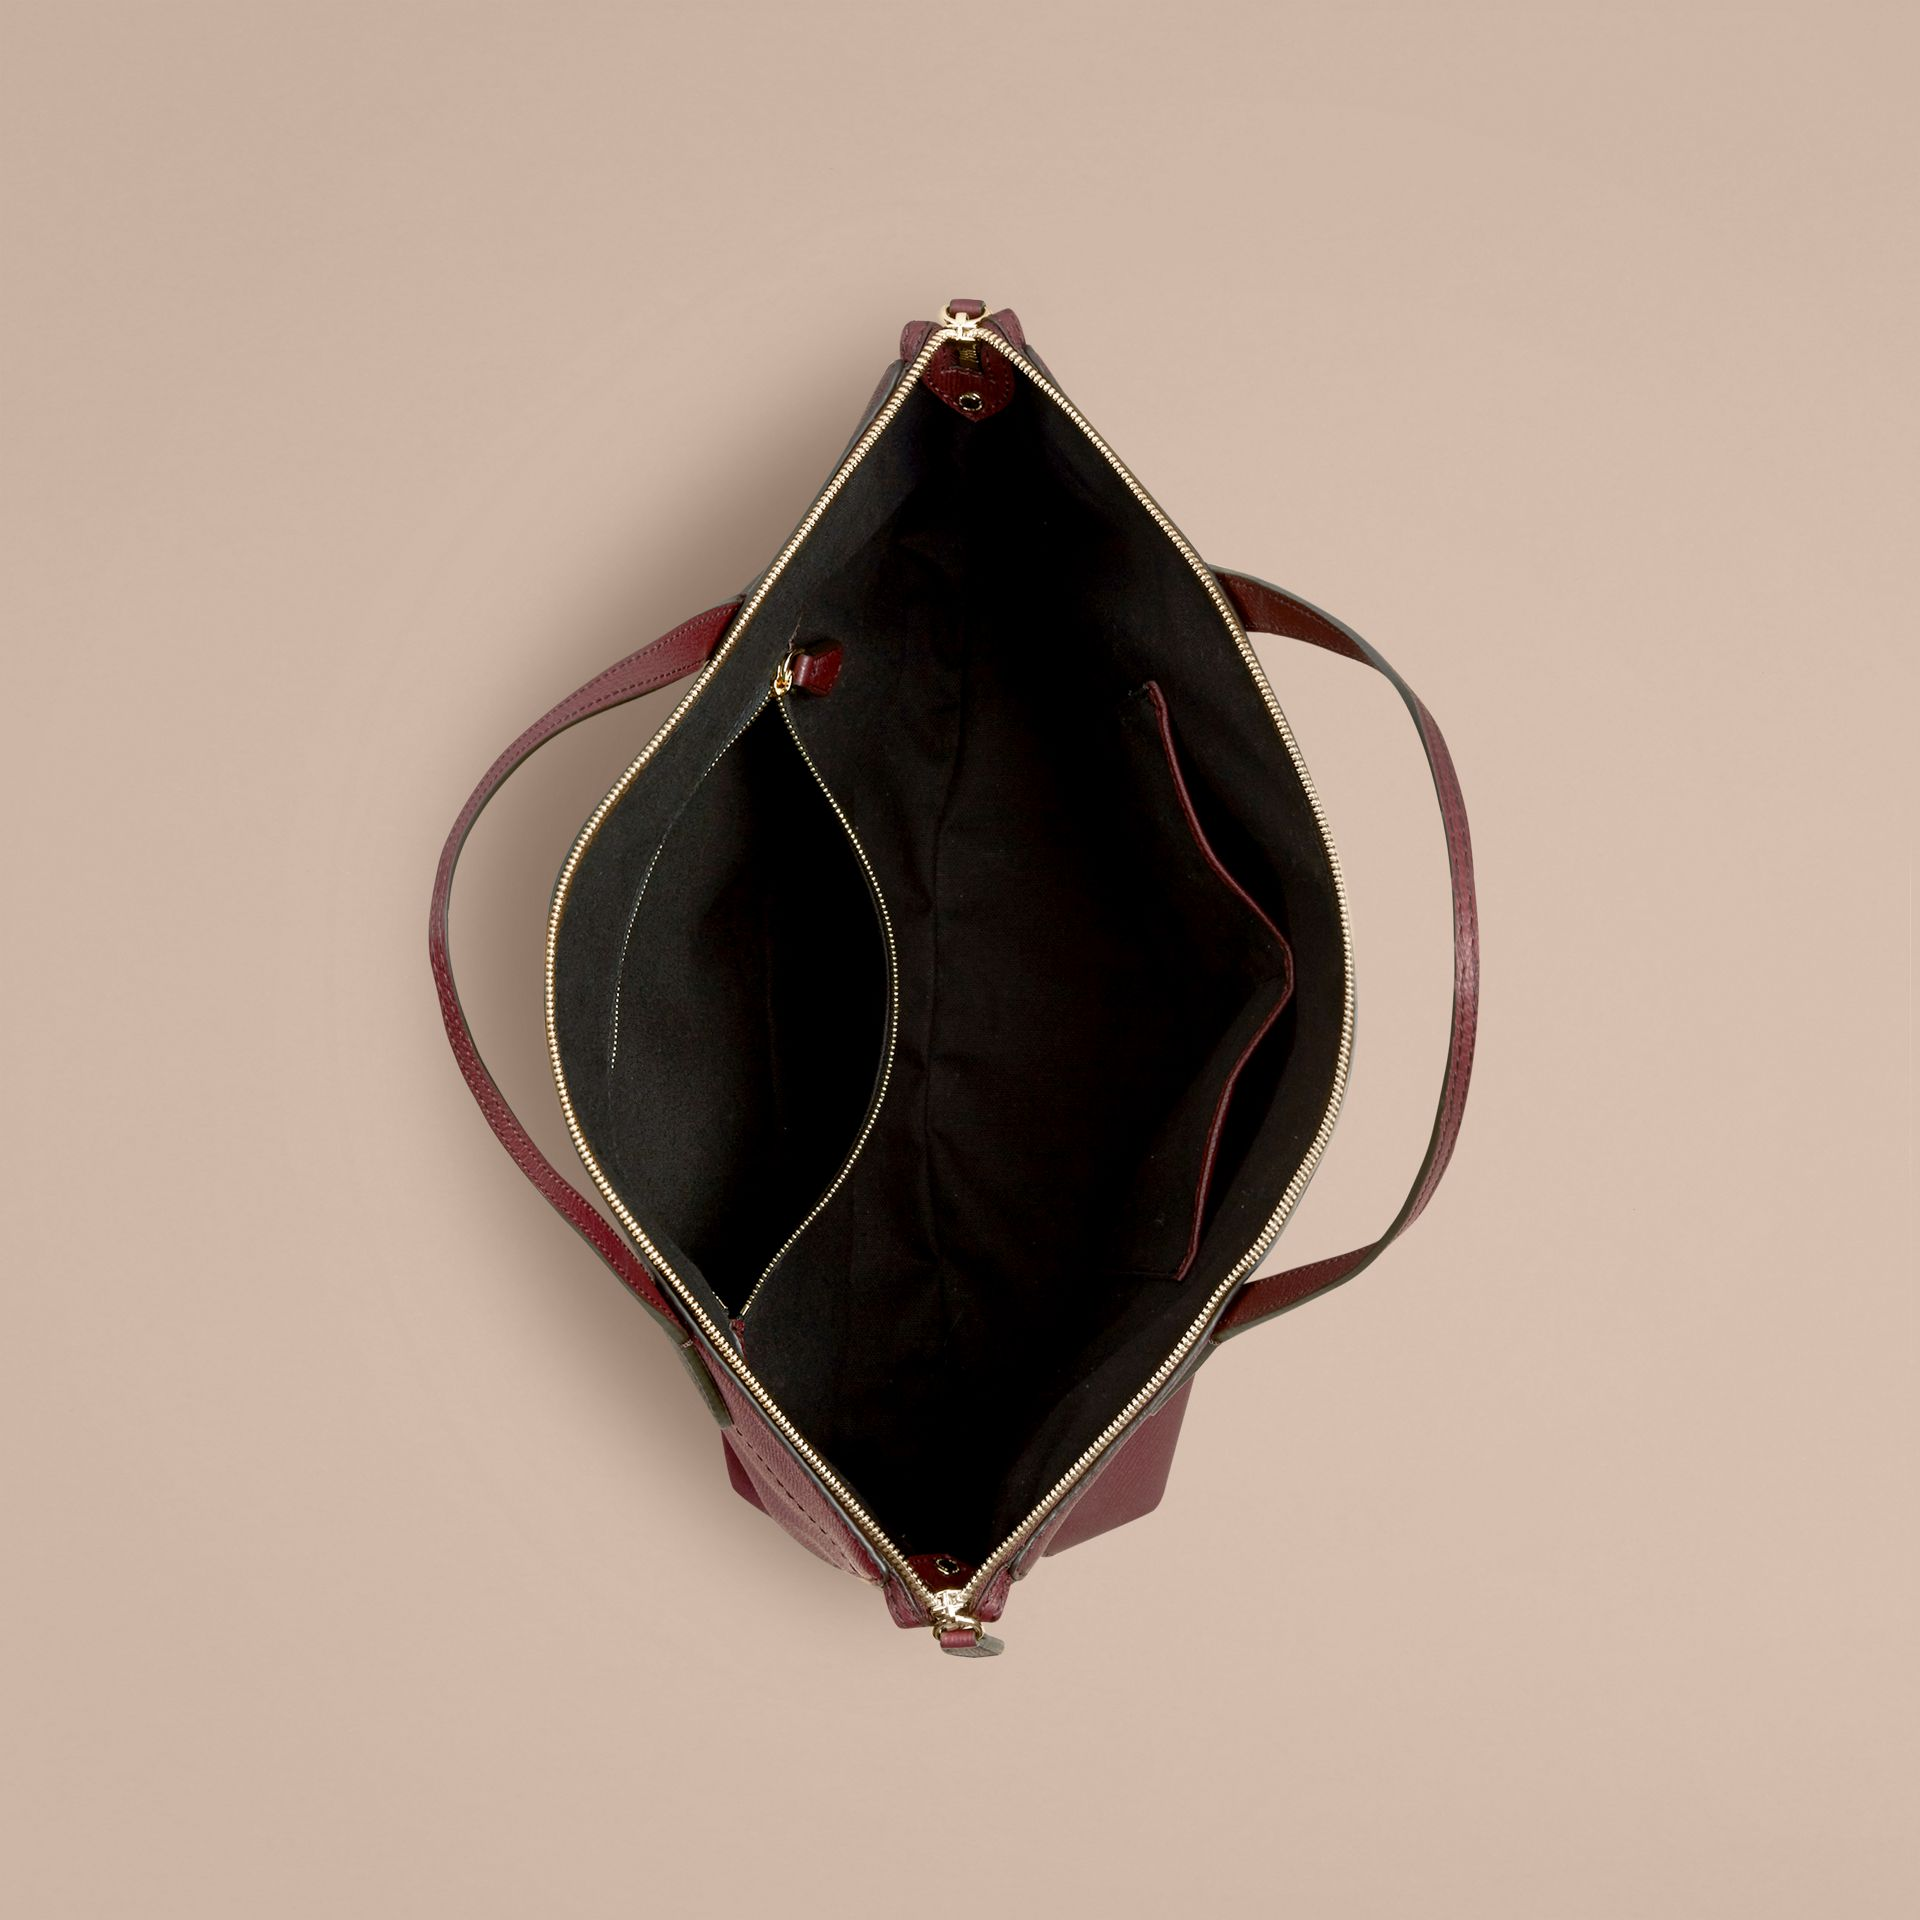 Vermelho mogno Bolsa tote média de couro com padrão House check Vermelho Mogno - galeria de imagens 5